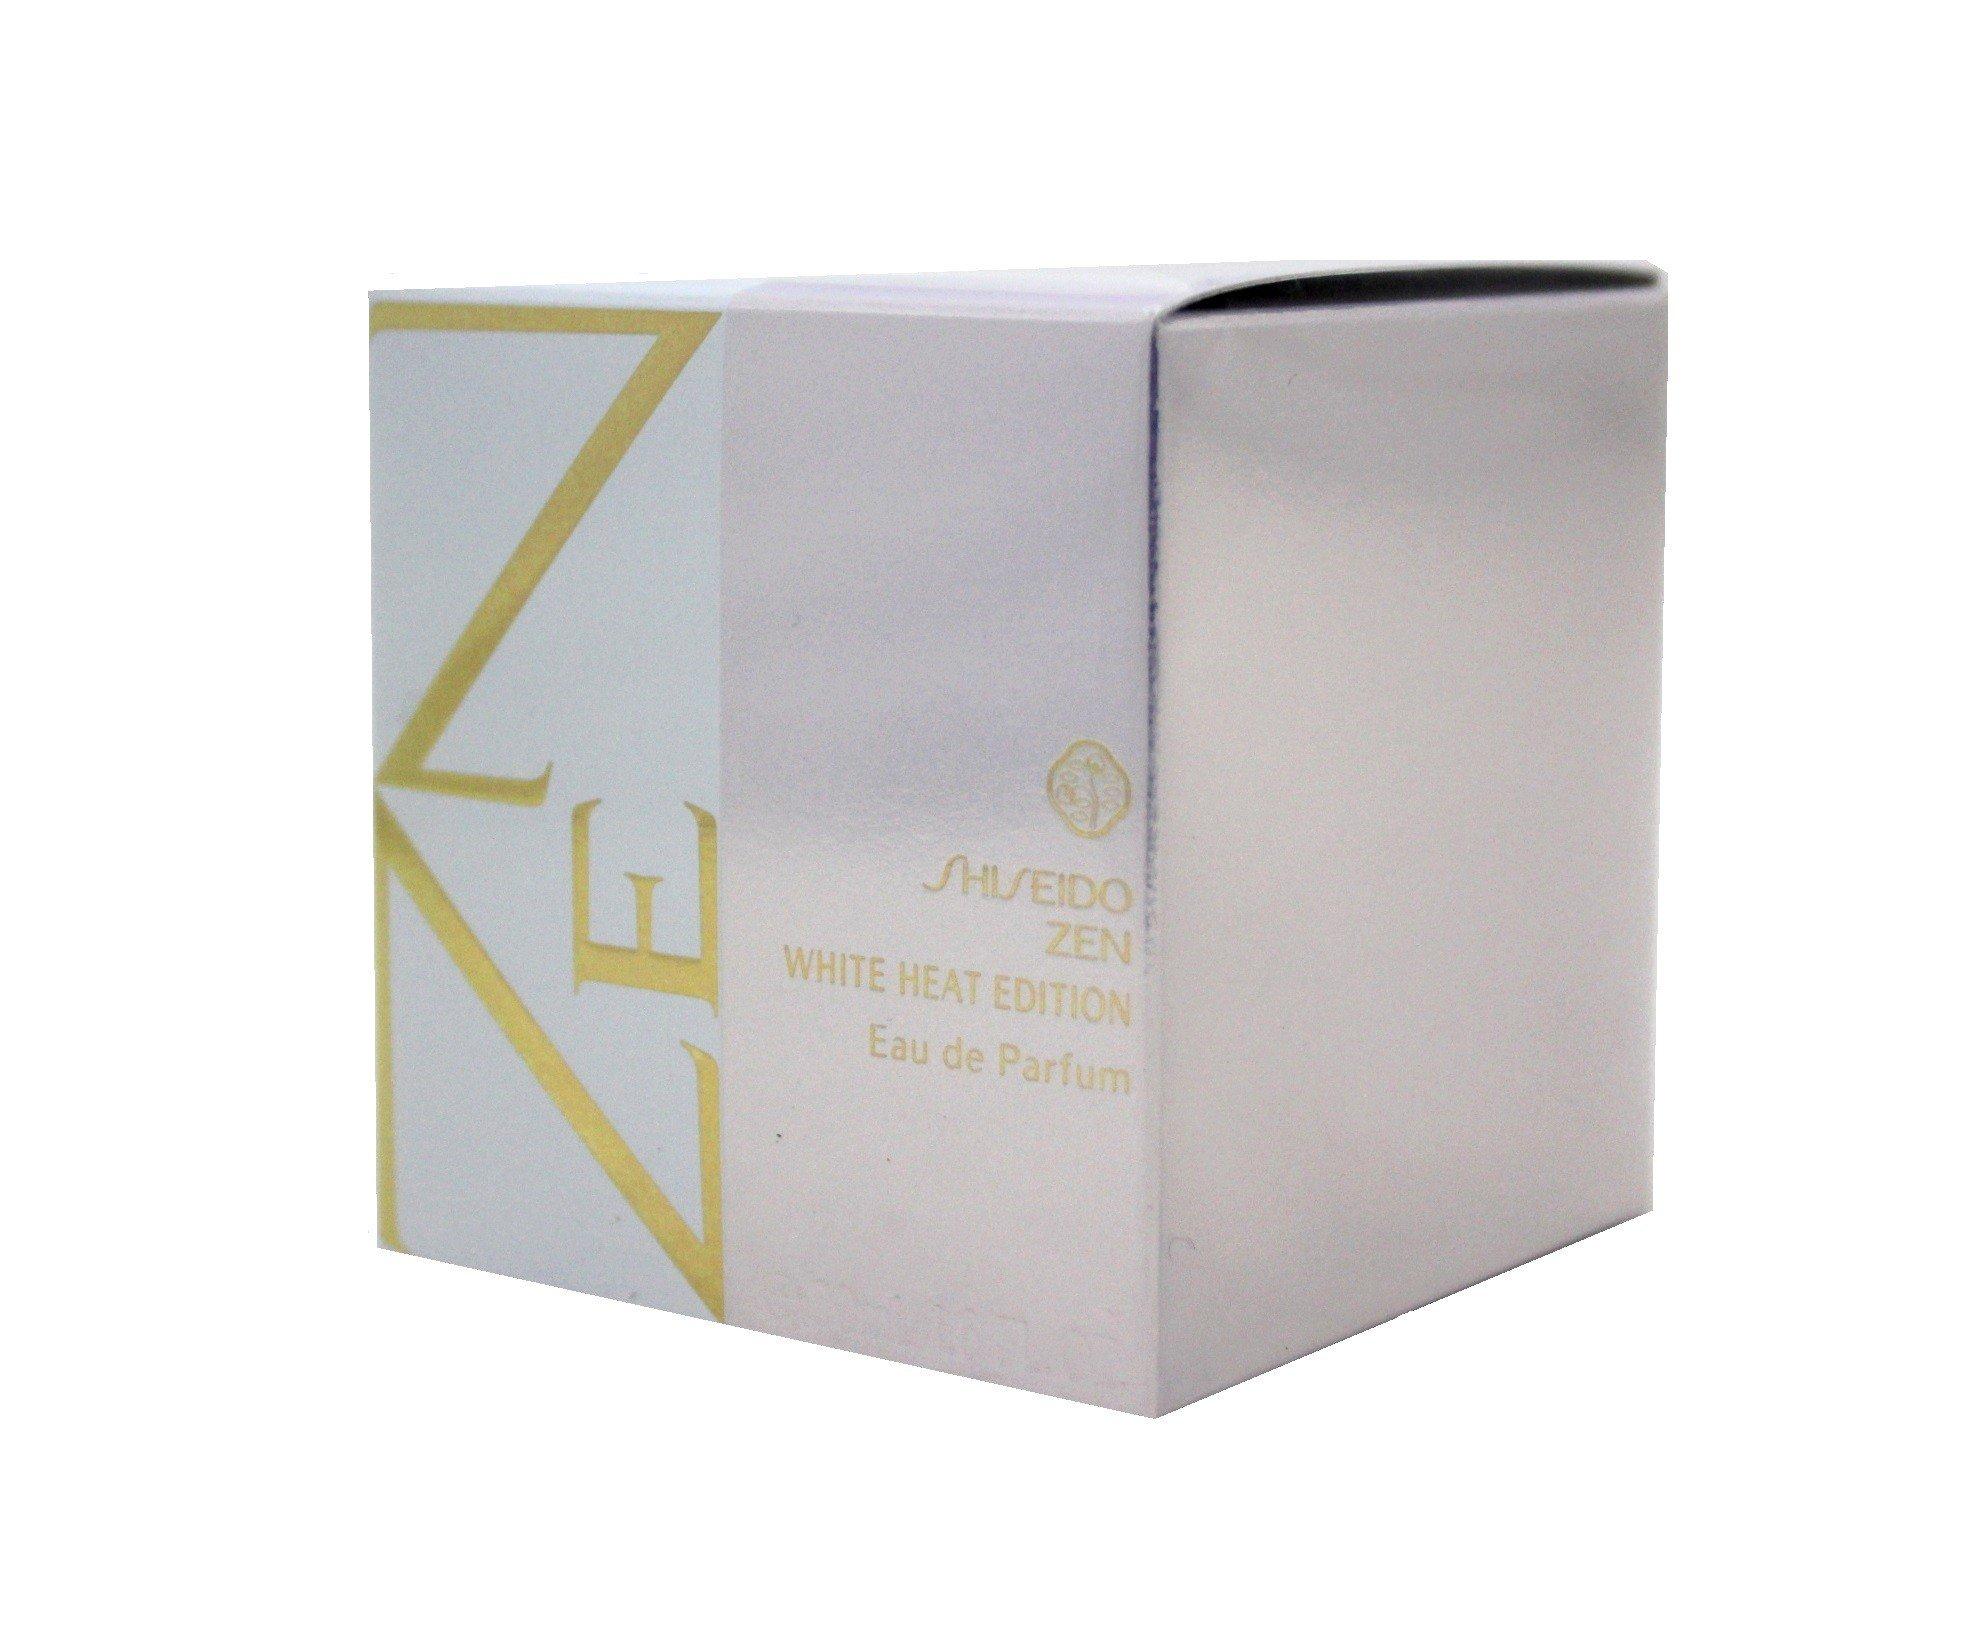 Shiseido Zen White Heat Eau de Parfum